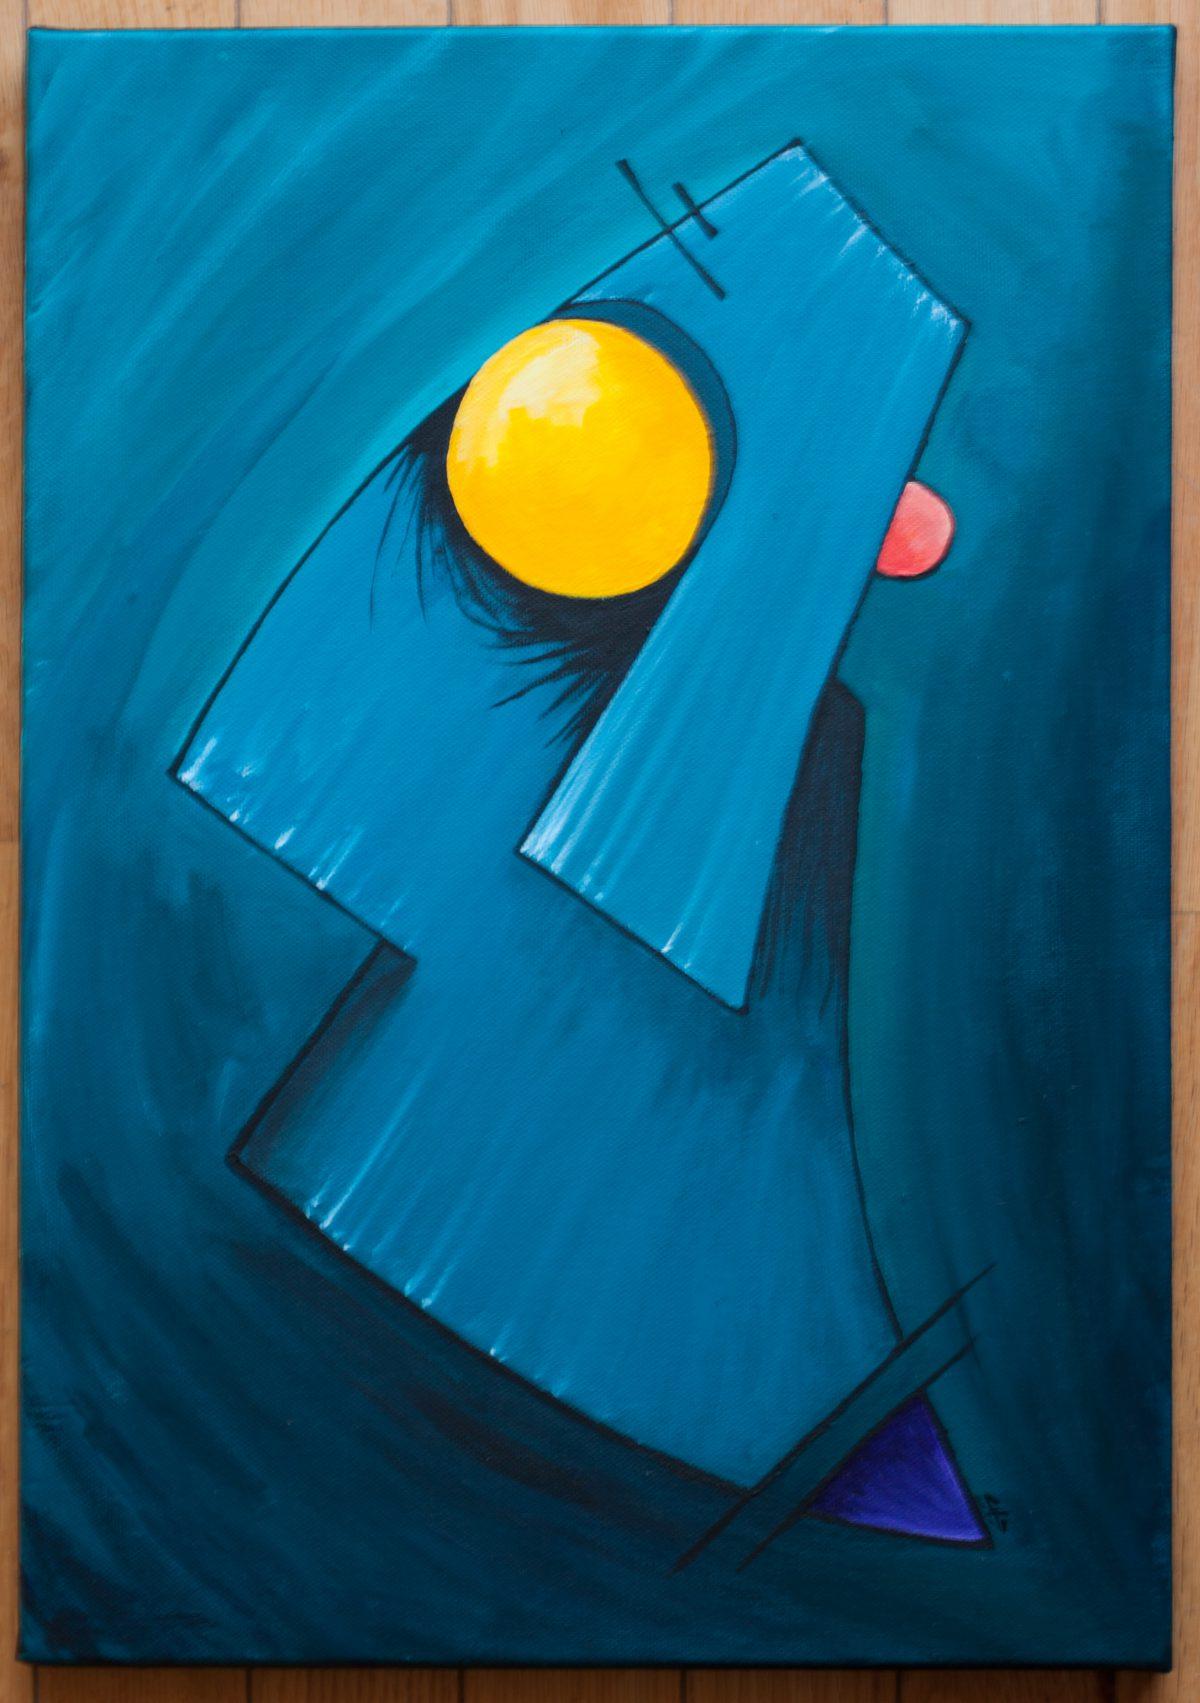 Double face - 35x50cm acrylics, ch3, painting, acrylic